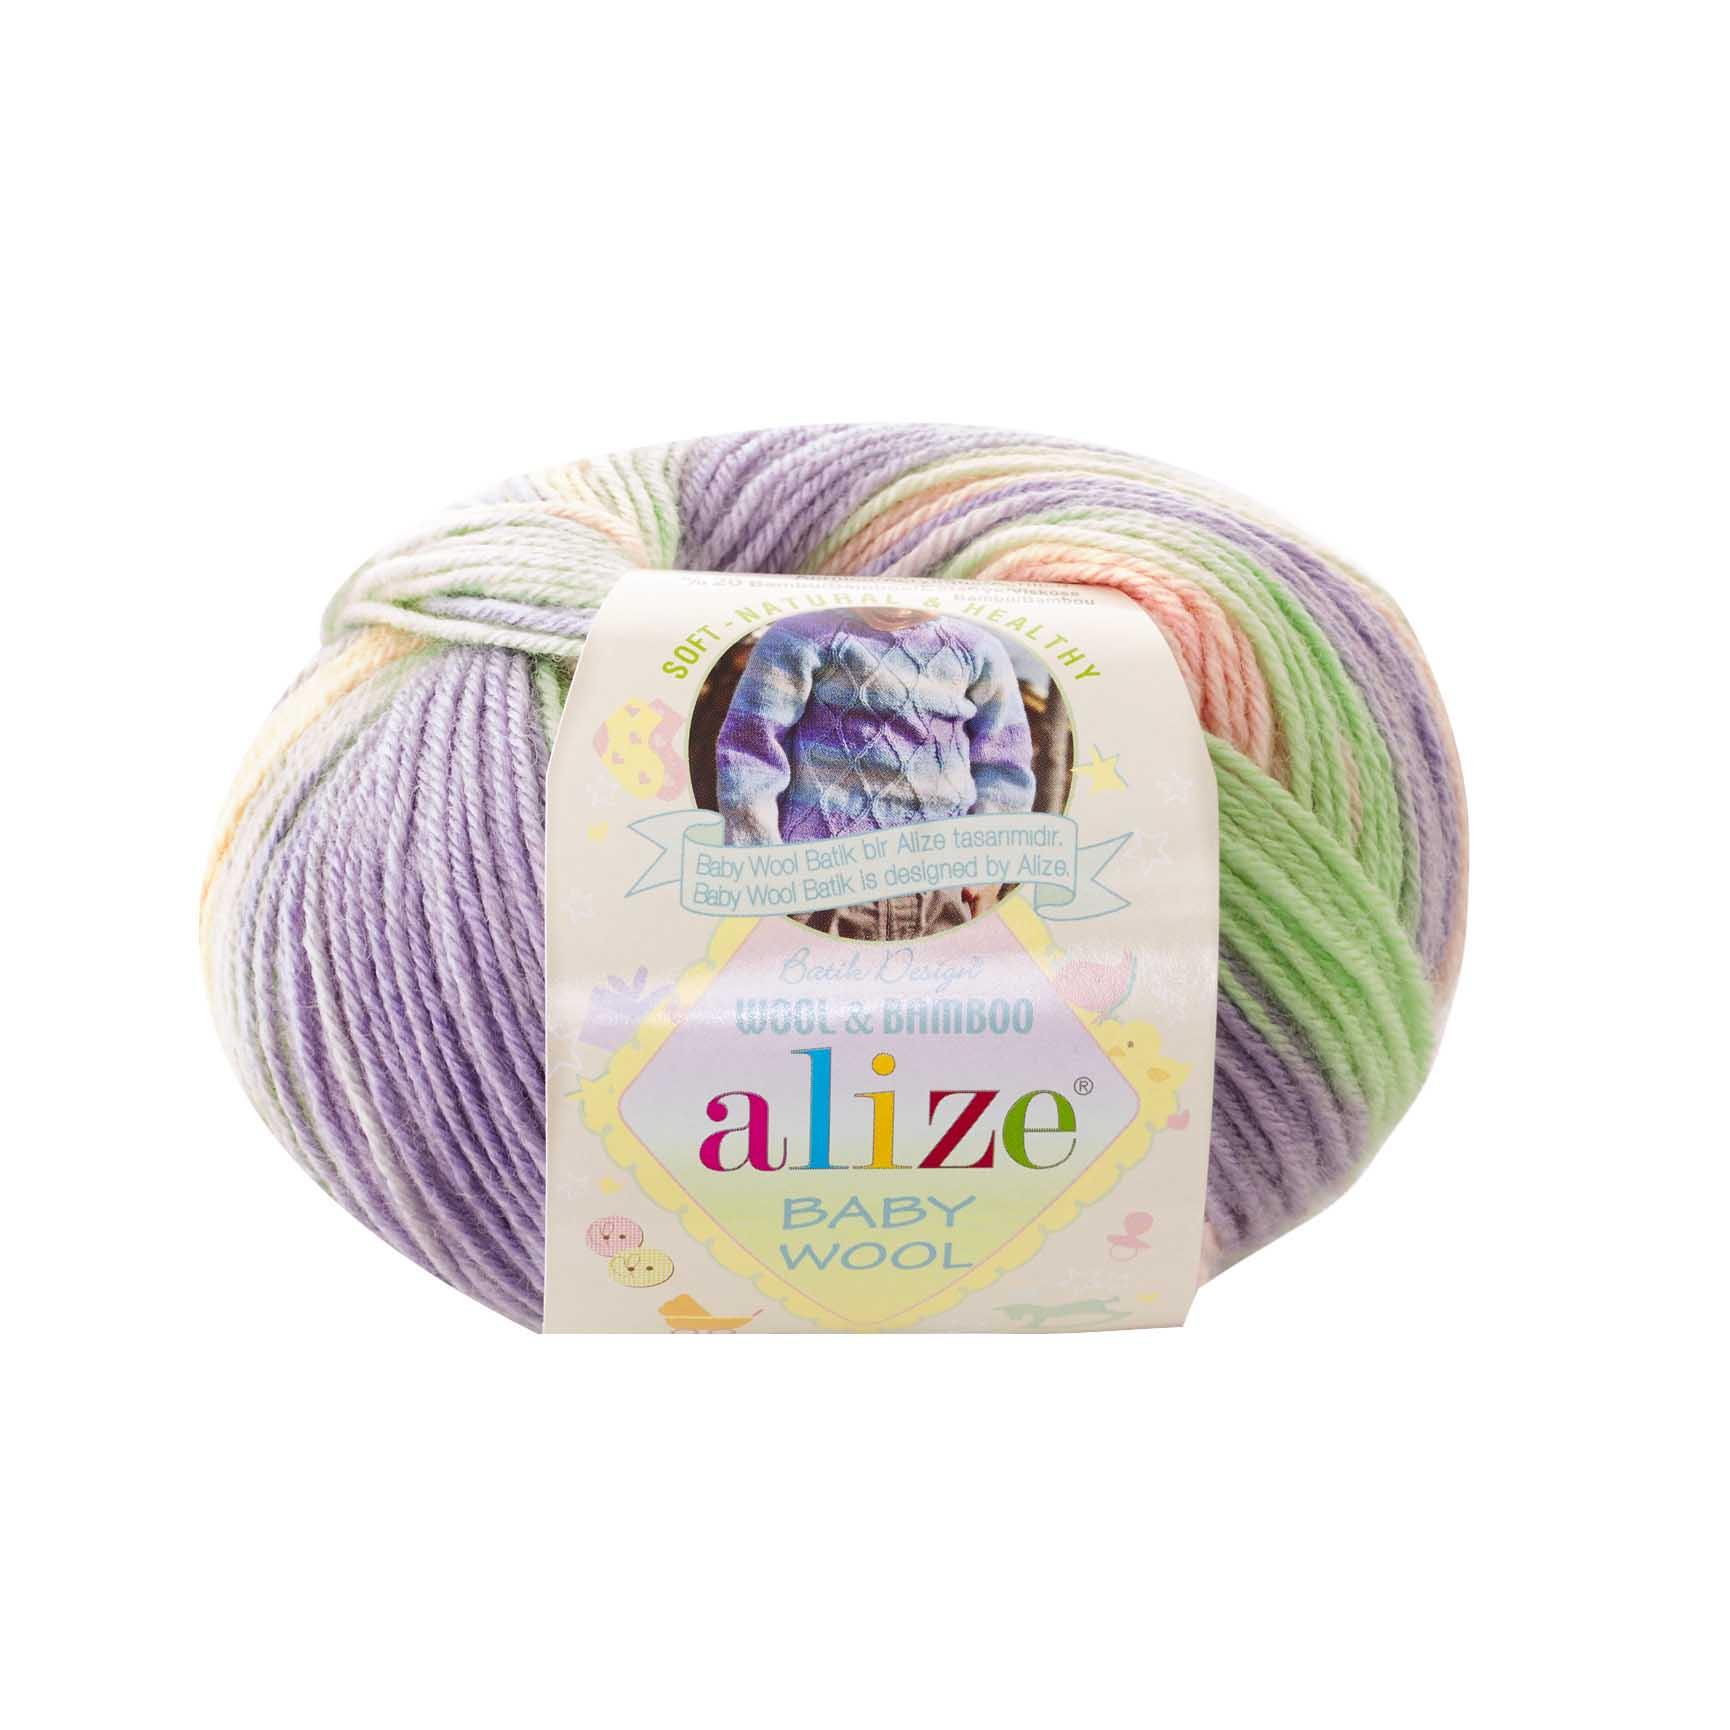 Пряжа Baby wool Batik